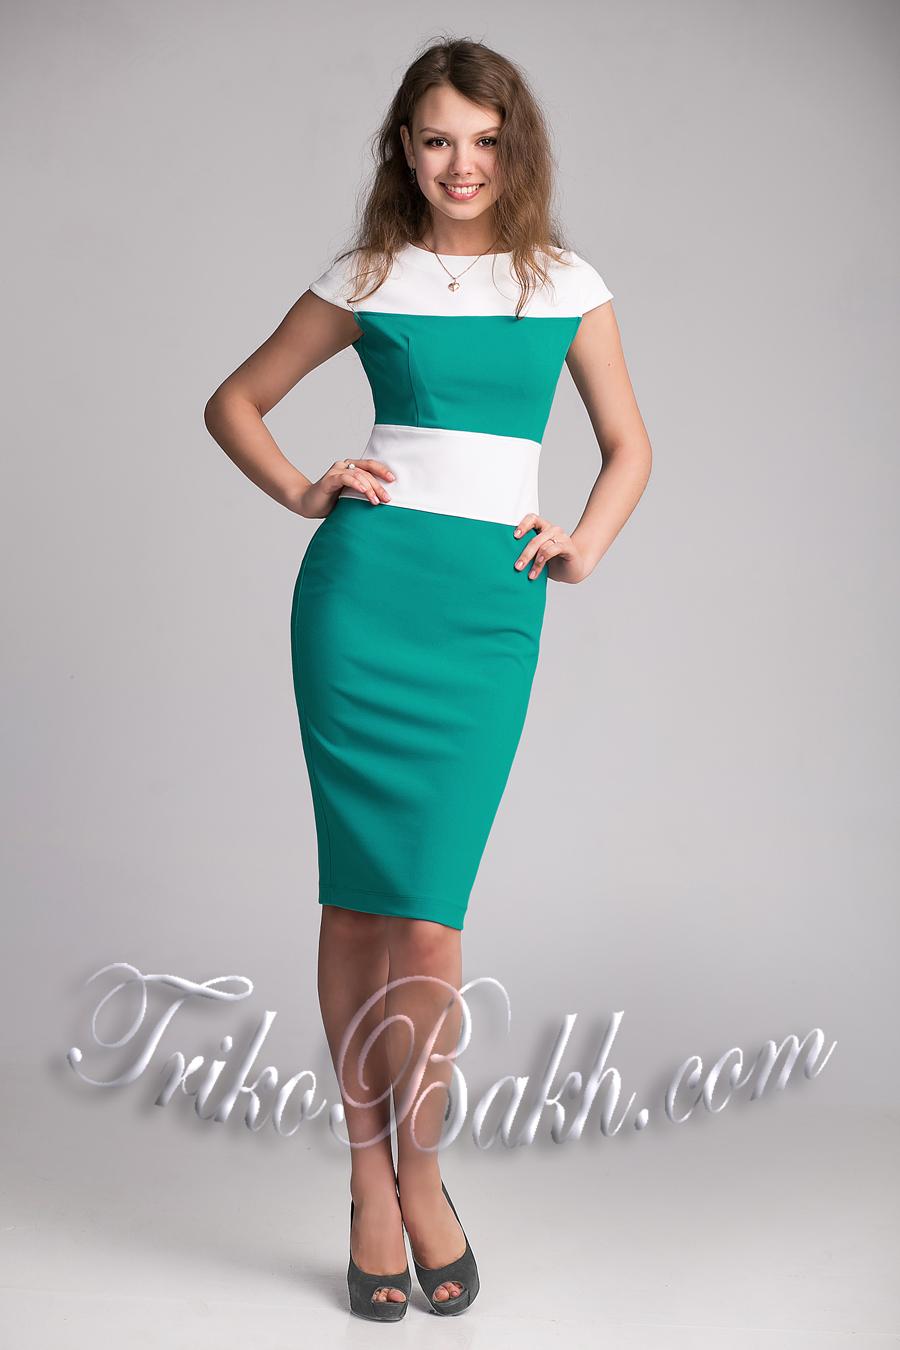 a3dcdd241ca356 Женские платья от производителя Хмельницкий / Жіночі плаття від виробника  Хмельницький